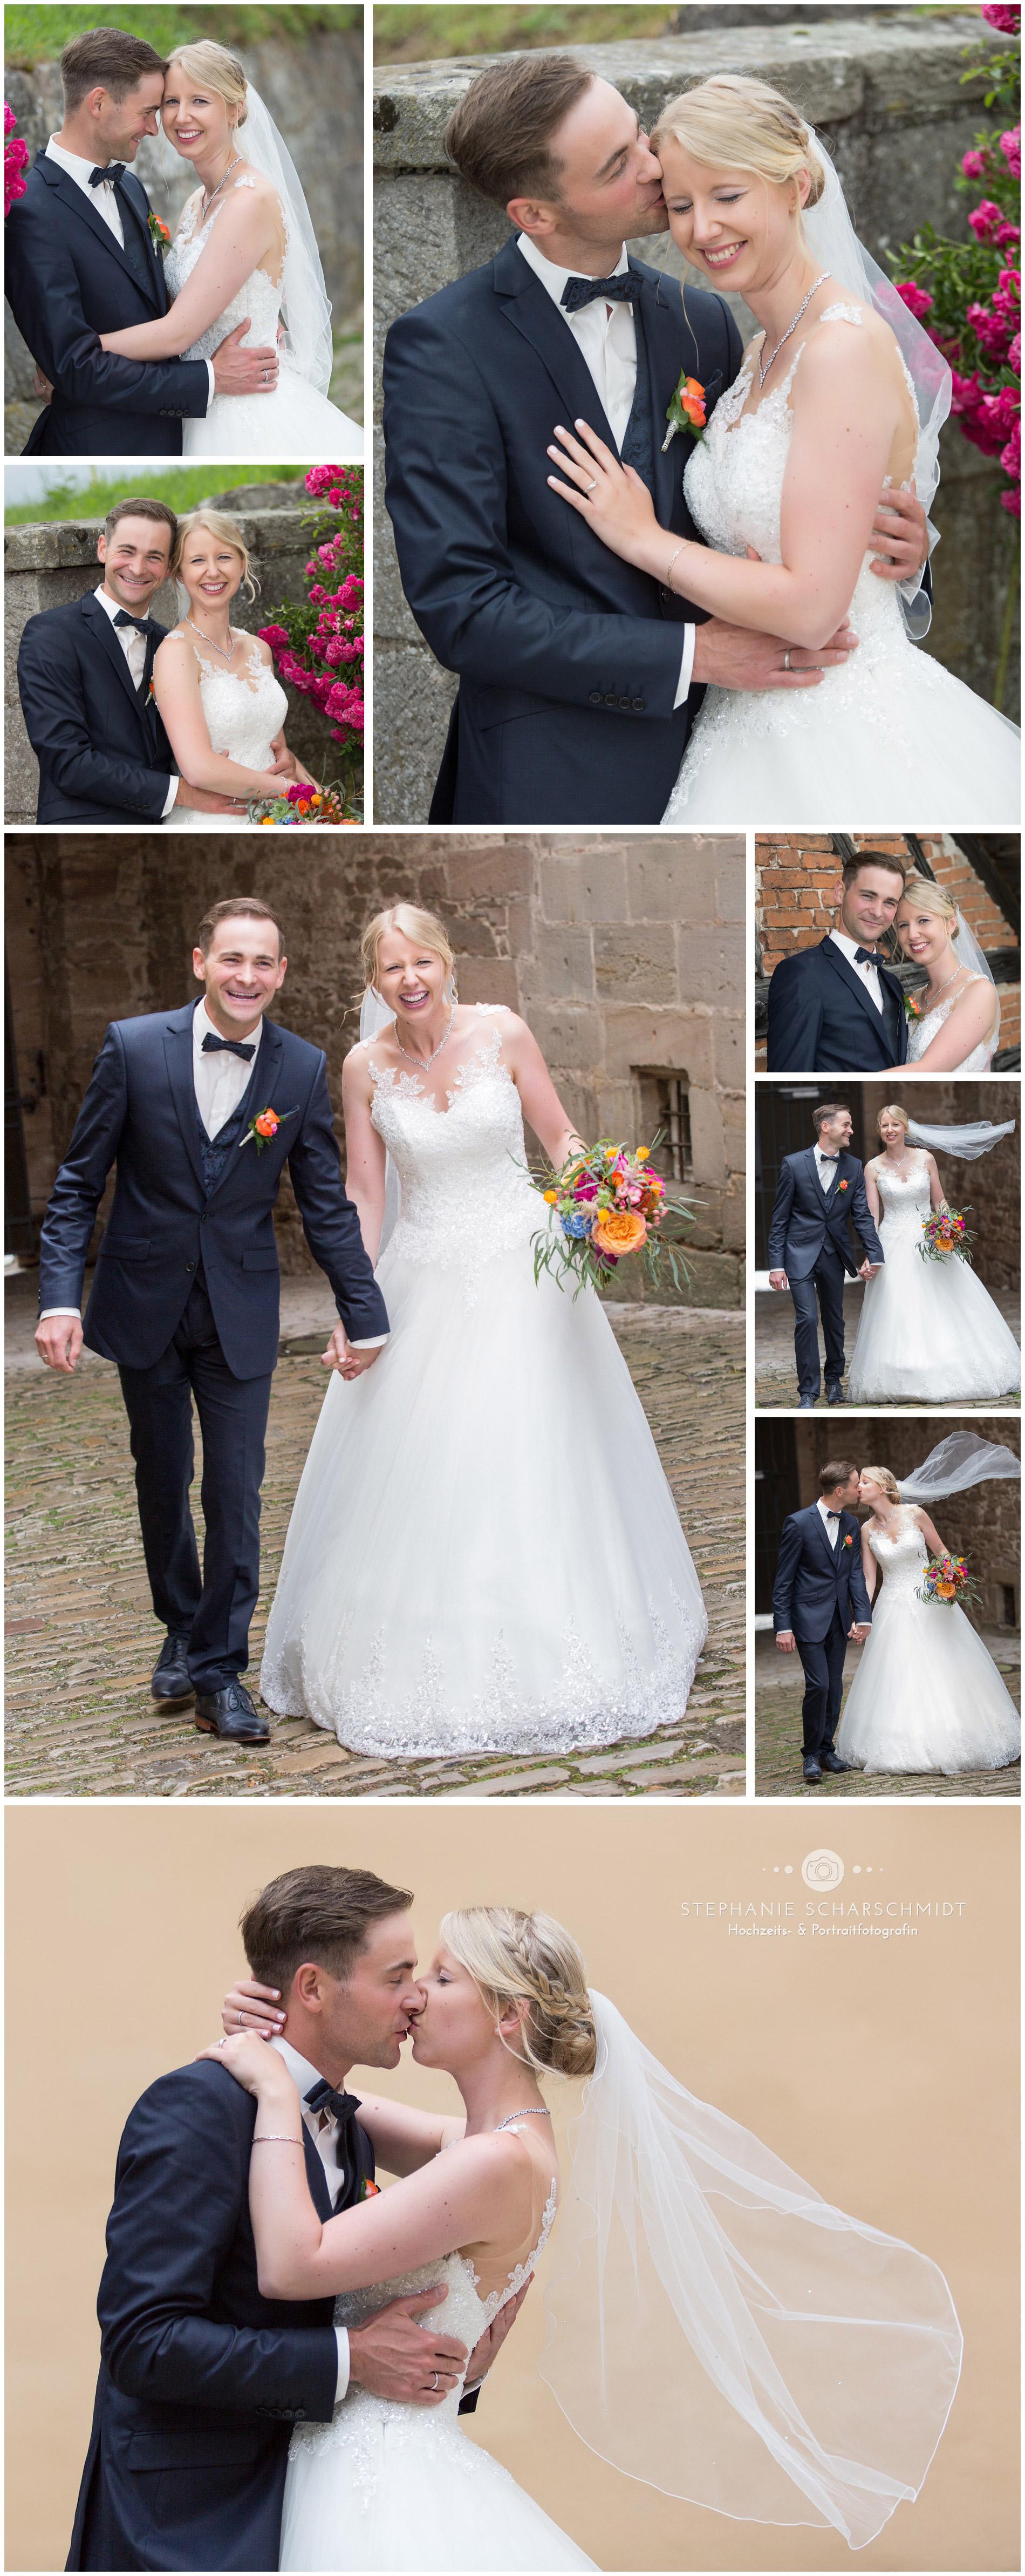 Hochzeitsbilder Hof - Hochzeits- und Portraitfotografin Stephanie Scharschmidt